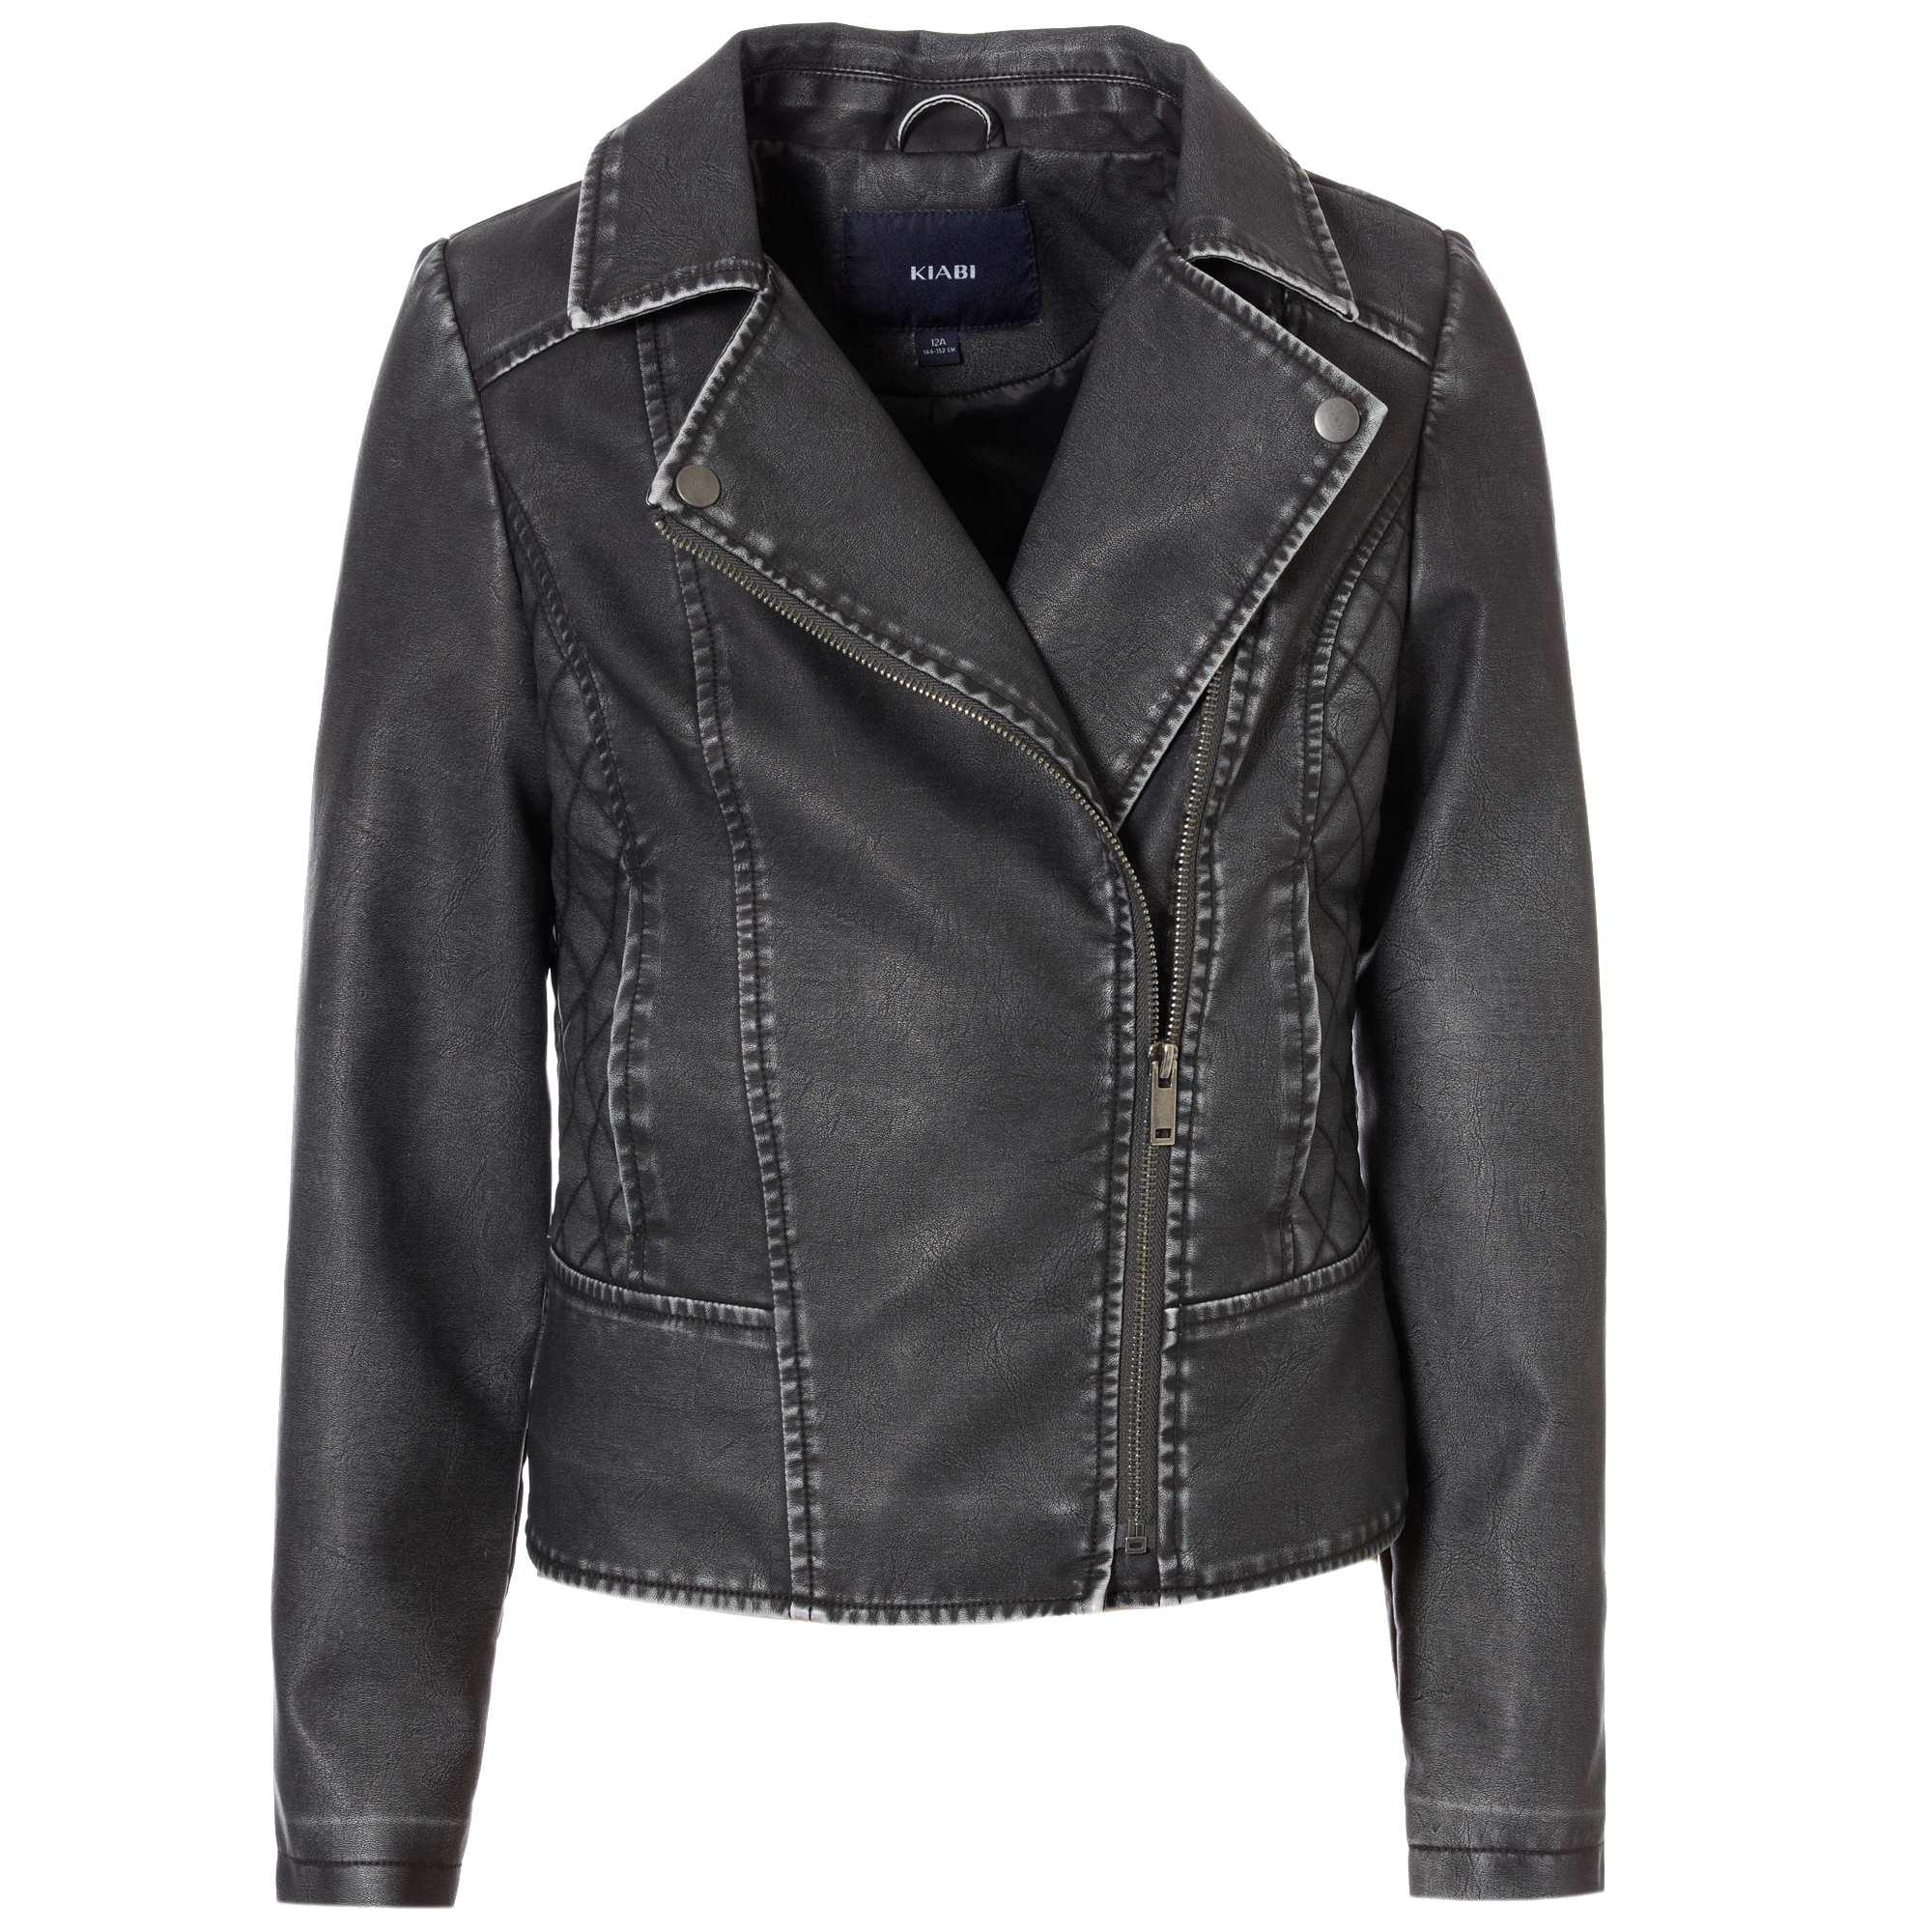 Jusqu'à -60% sur une sélection de vêtements - Ex : Blouson effet cuir enfant Noir